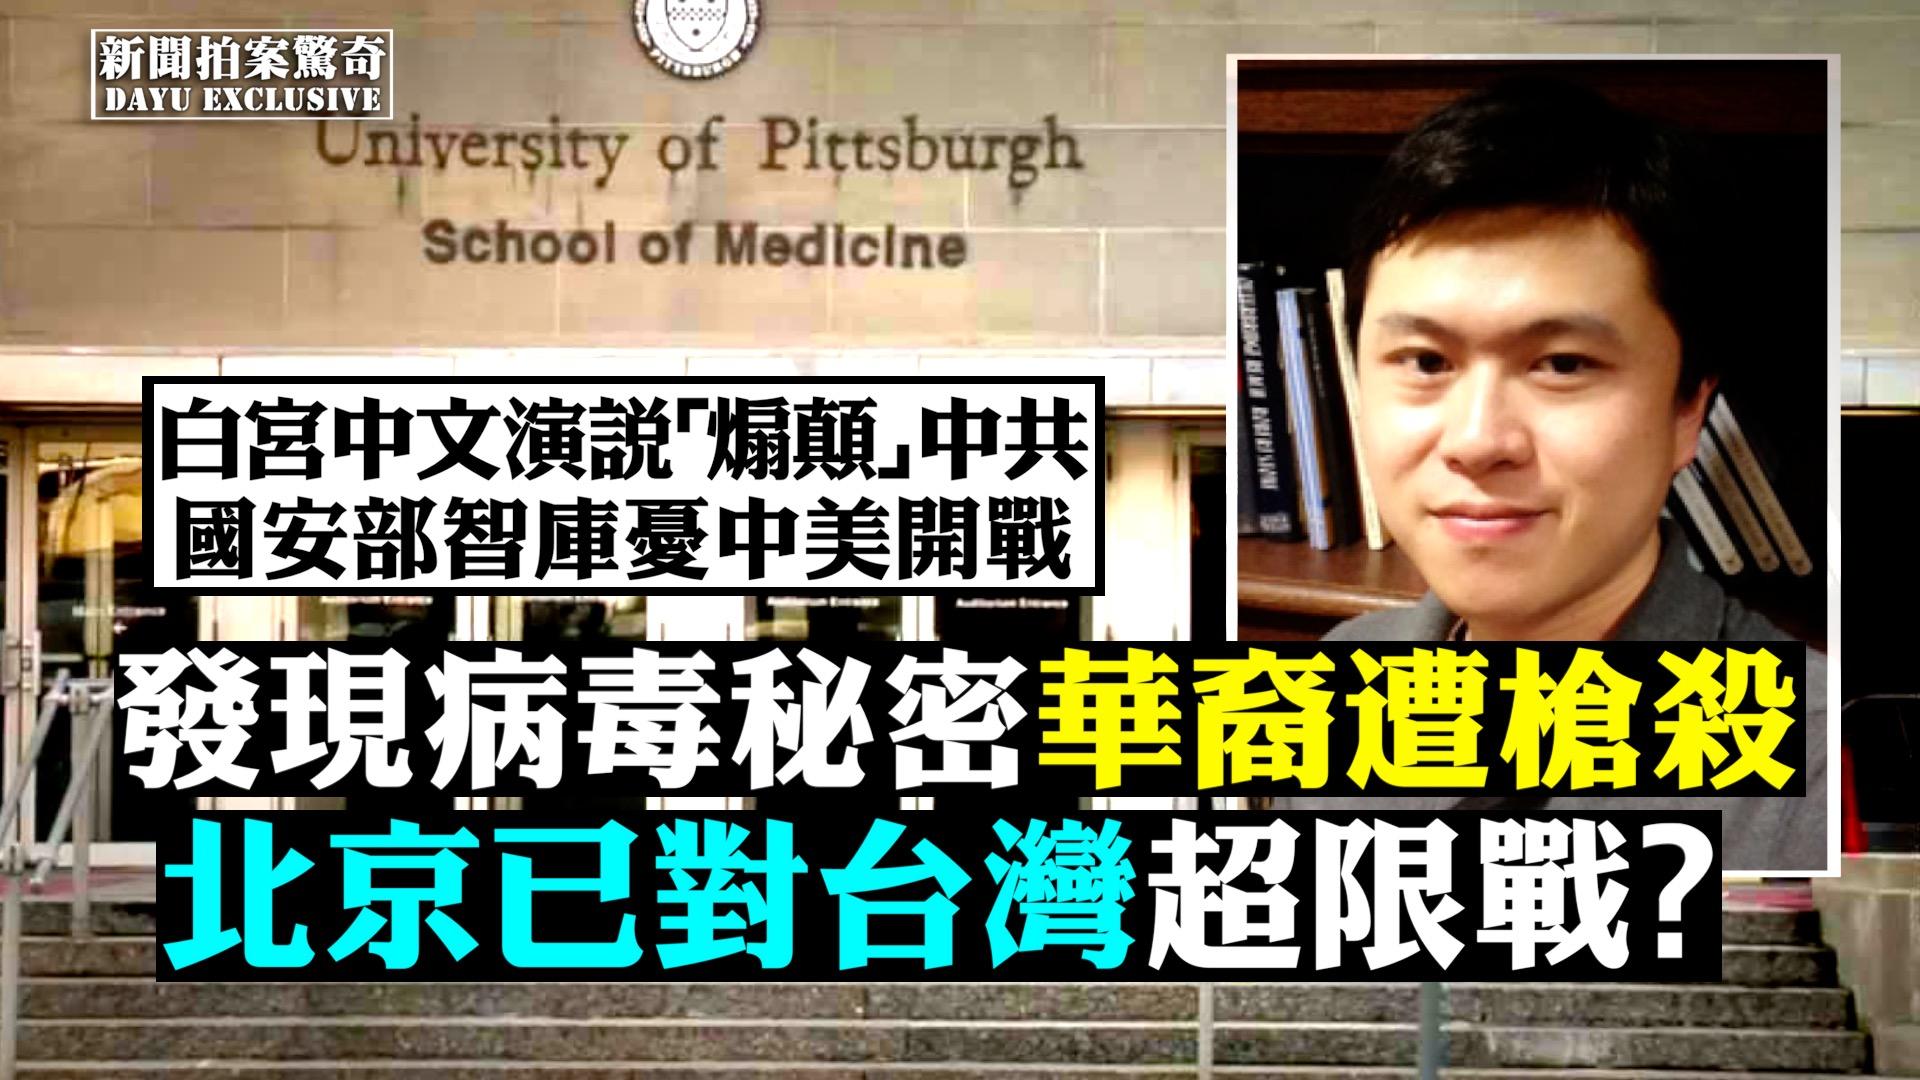 【拍案驚奇】握病毒秘密華裔遇刺 北京對台超限戰